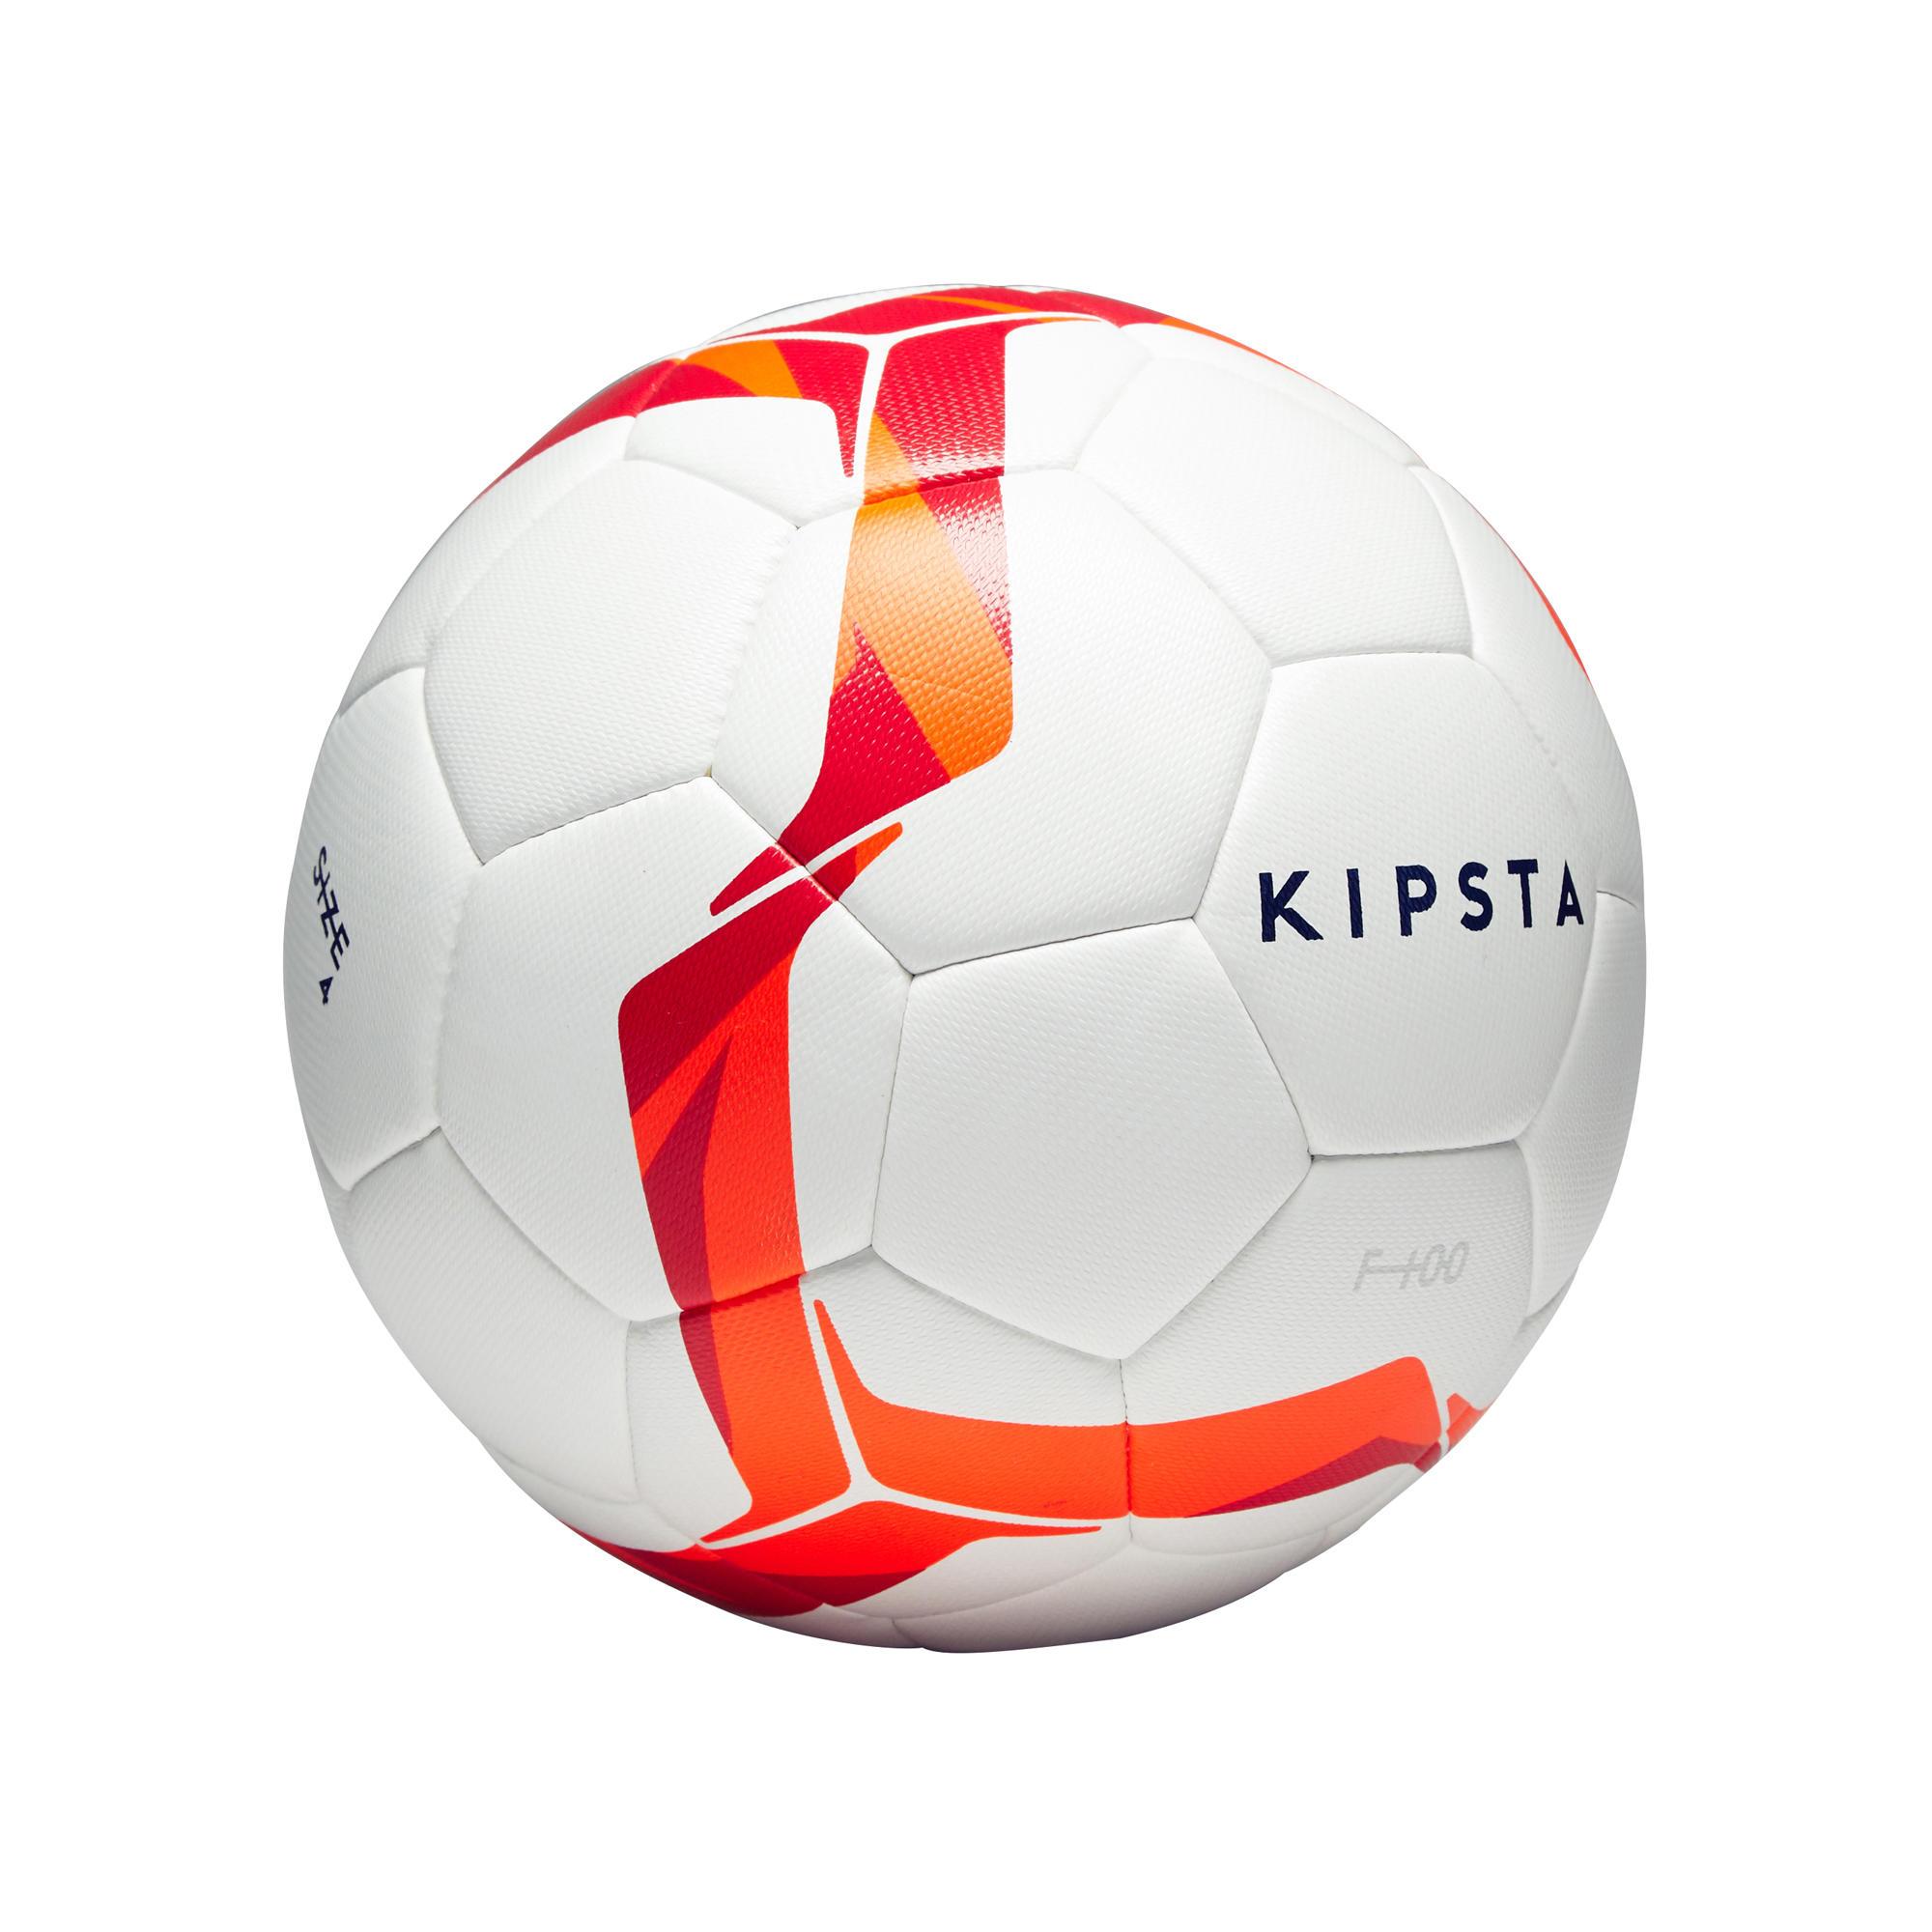 Criatura Europa Uganda  balones de futbol decathlon Hombre Mujer niños - Envío gratis y entrega  rápida, ¡Ahorros garantizados y stock permanente!